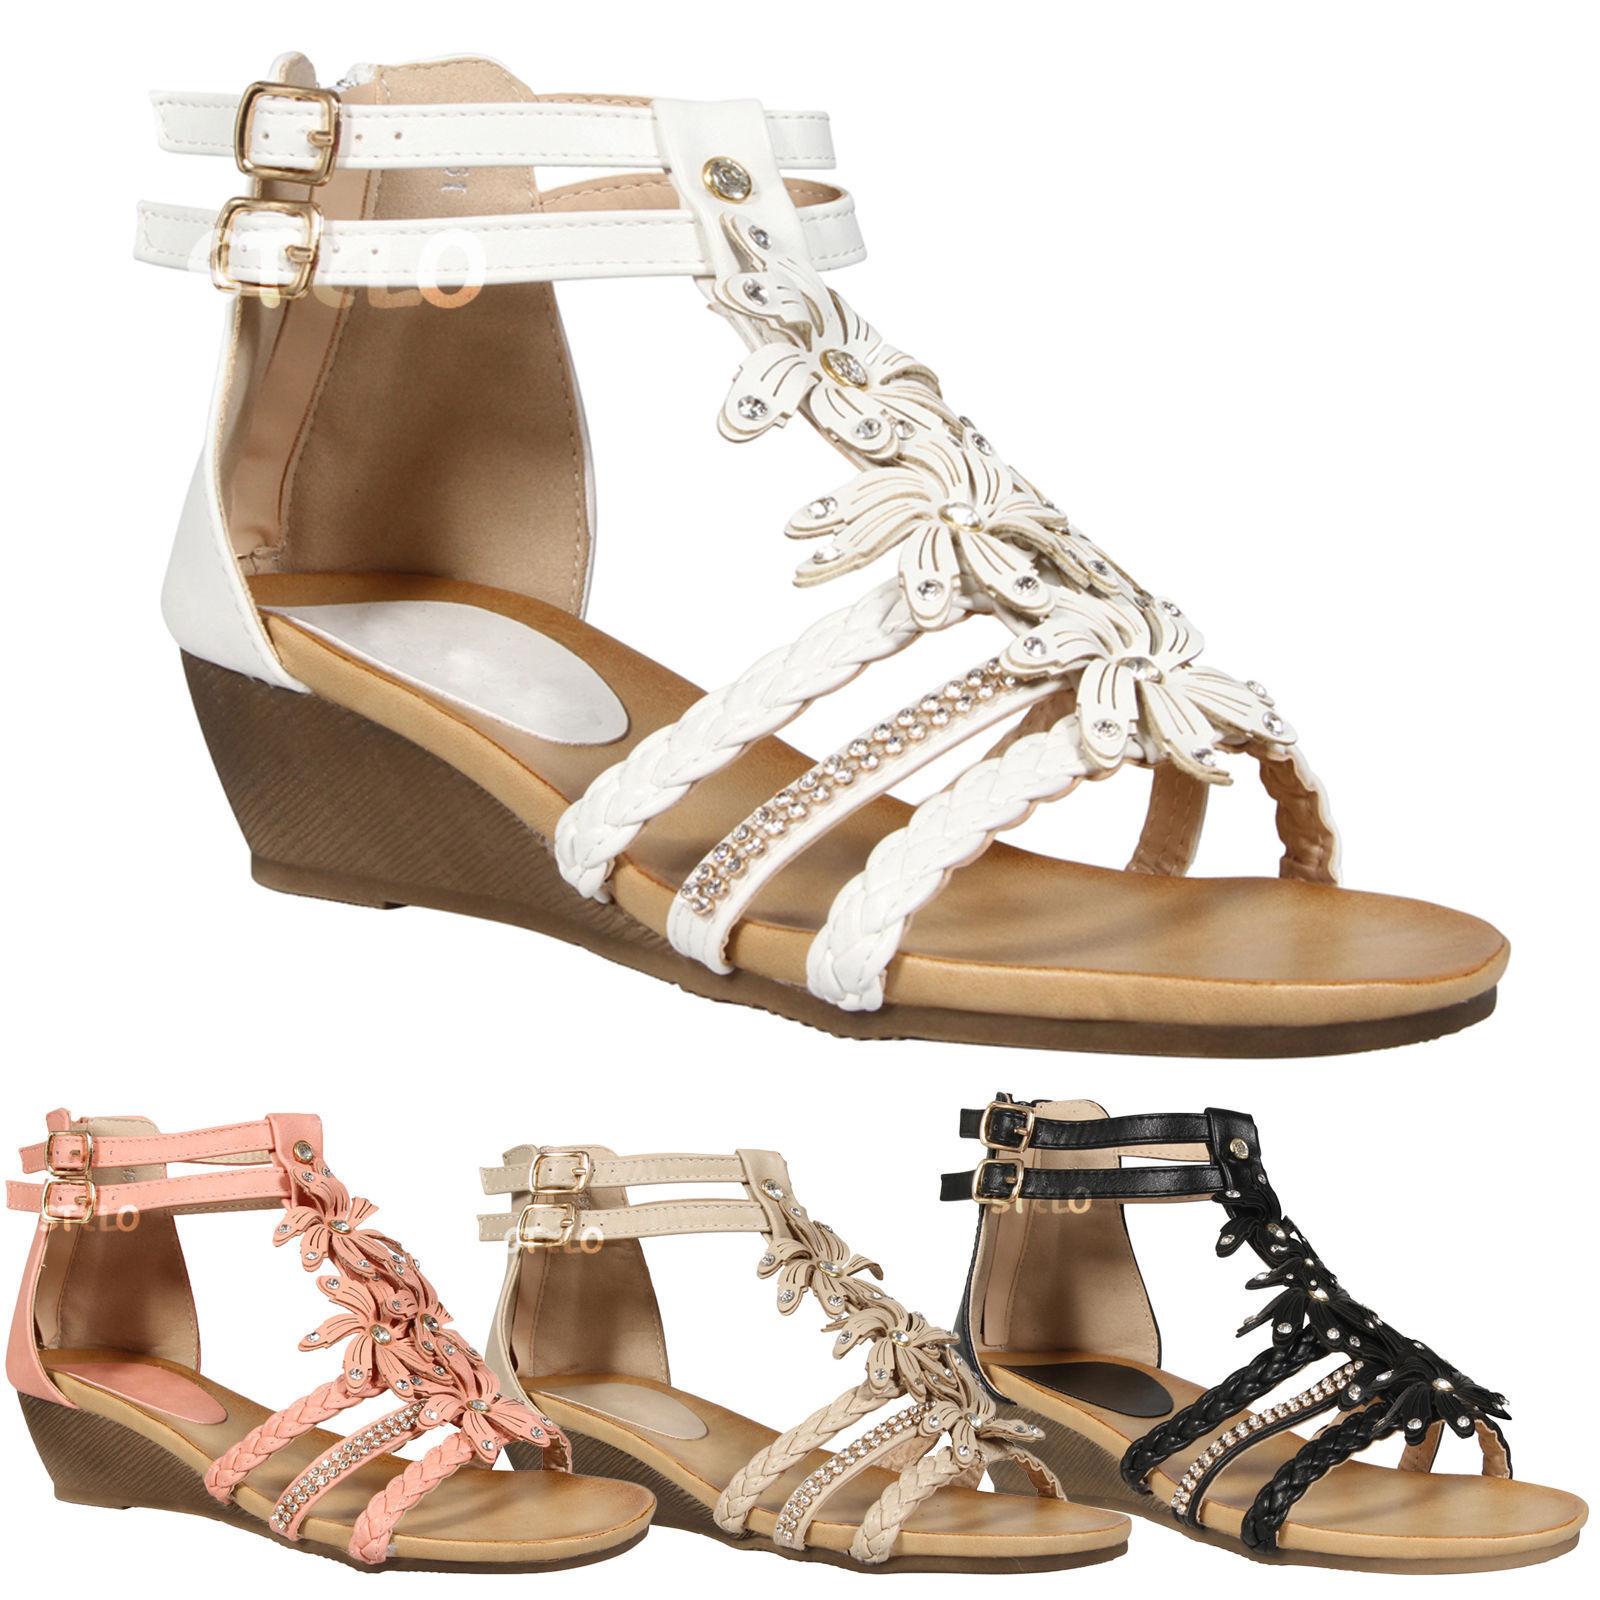 Girls Clarks Wedge Heel Summer Sandals *Harpy Myth*